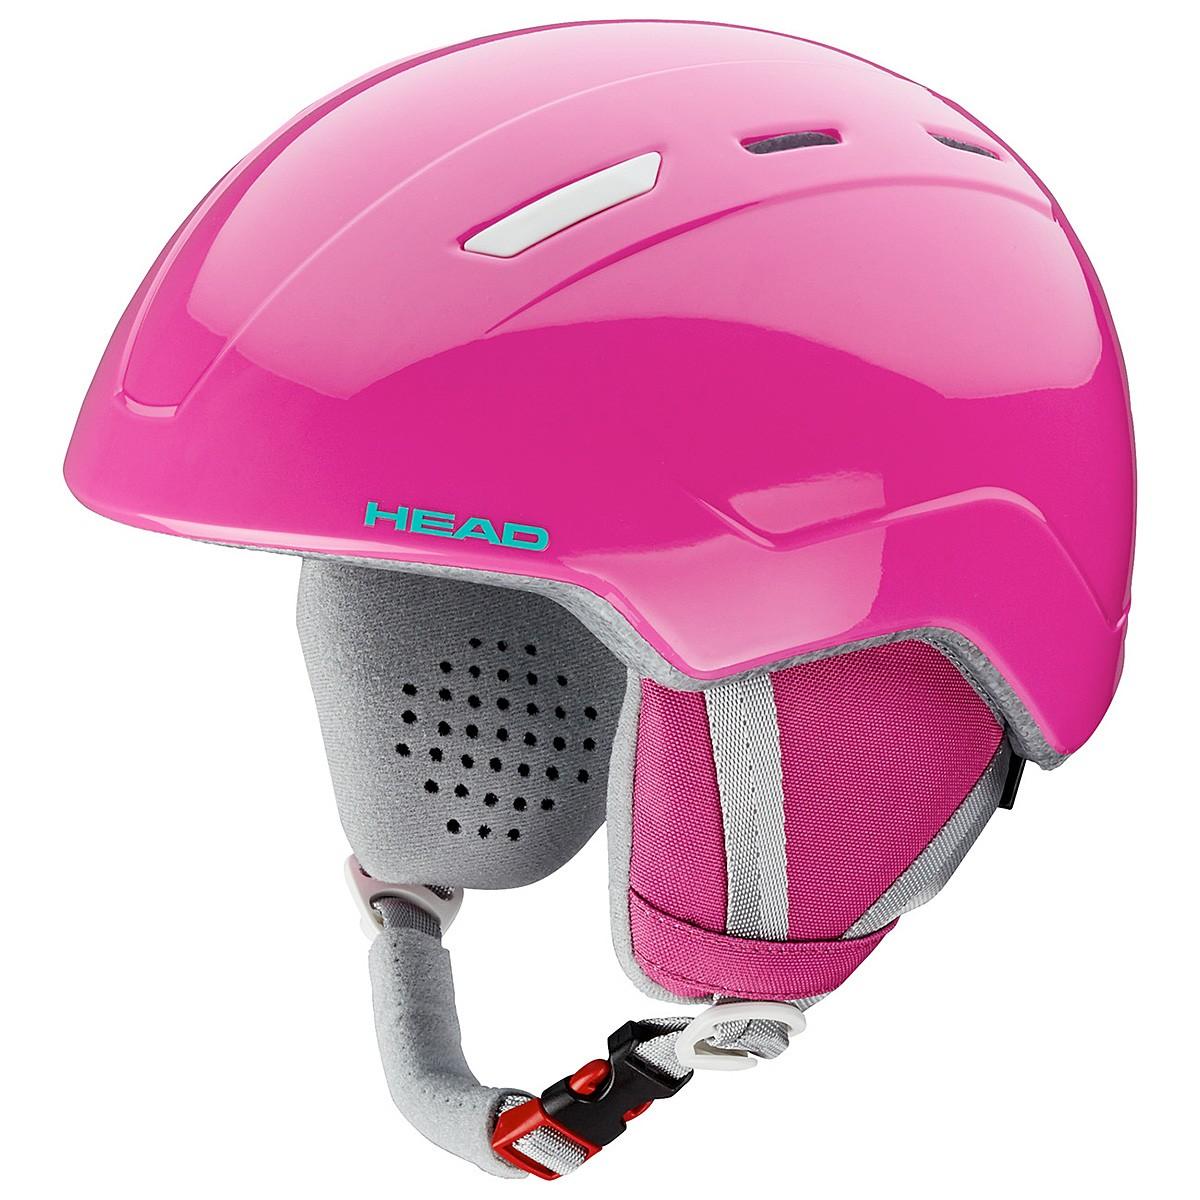 Casco sci Head Maja (Colore: rosa, Taglia: 47/51)